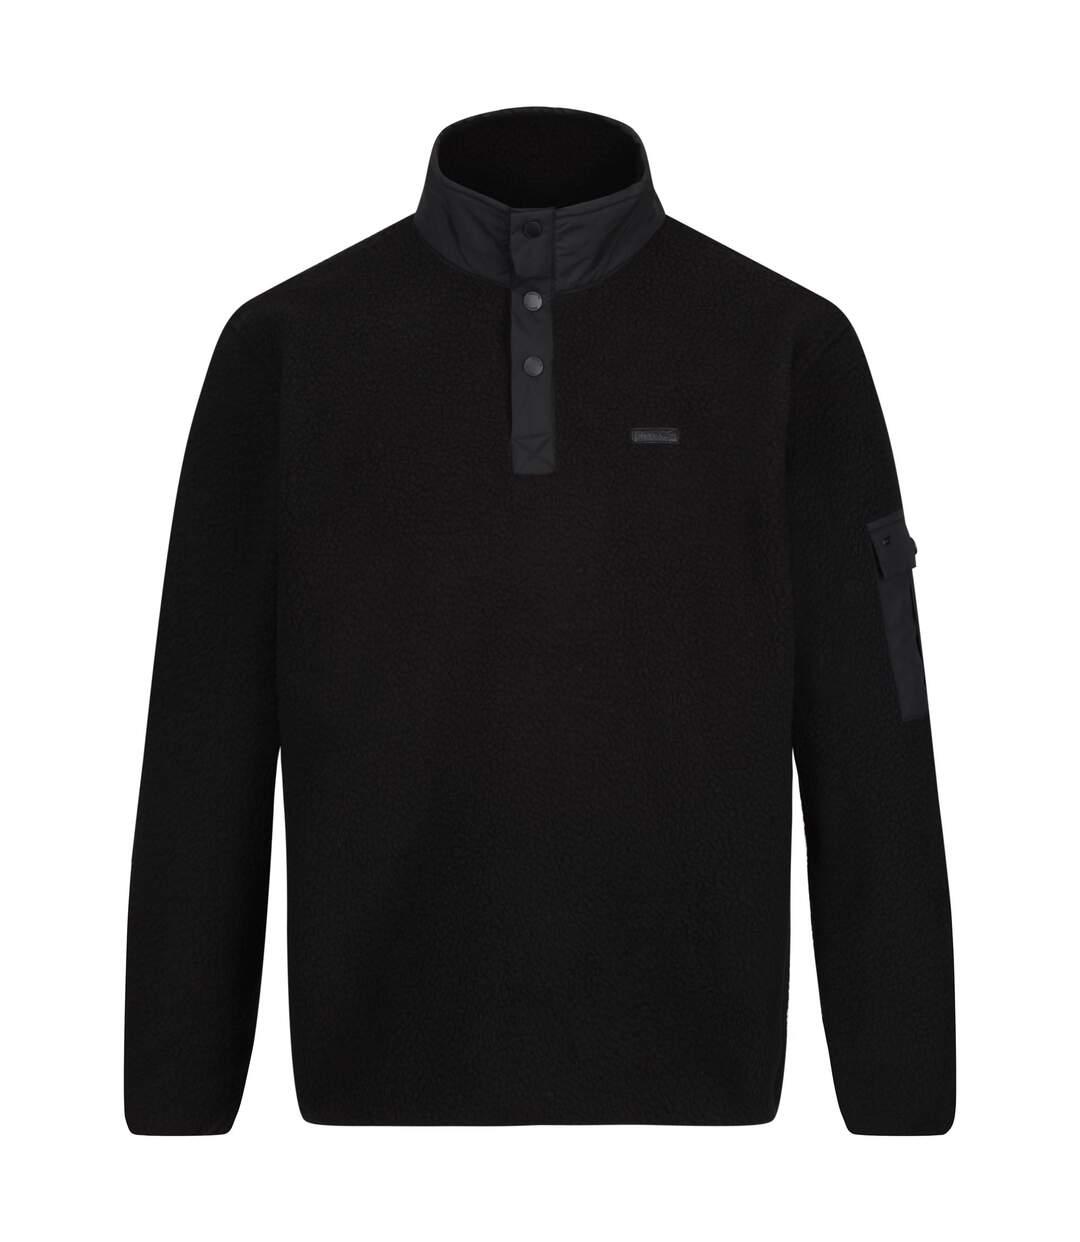 Regatta Mens Cormac Heavyweight Button Neck Fleece Sweater (Black) - UTRG4600